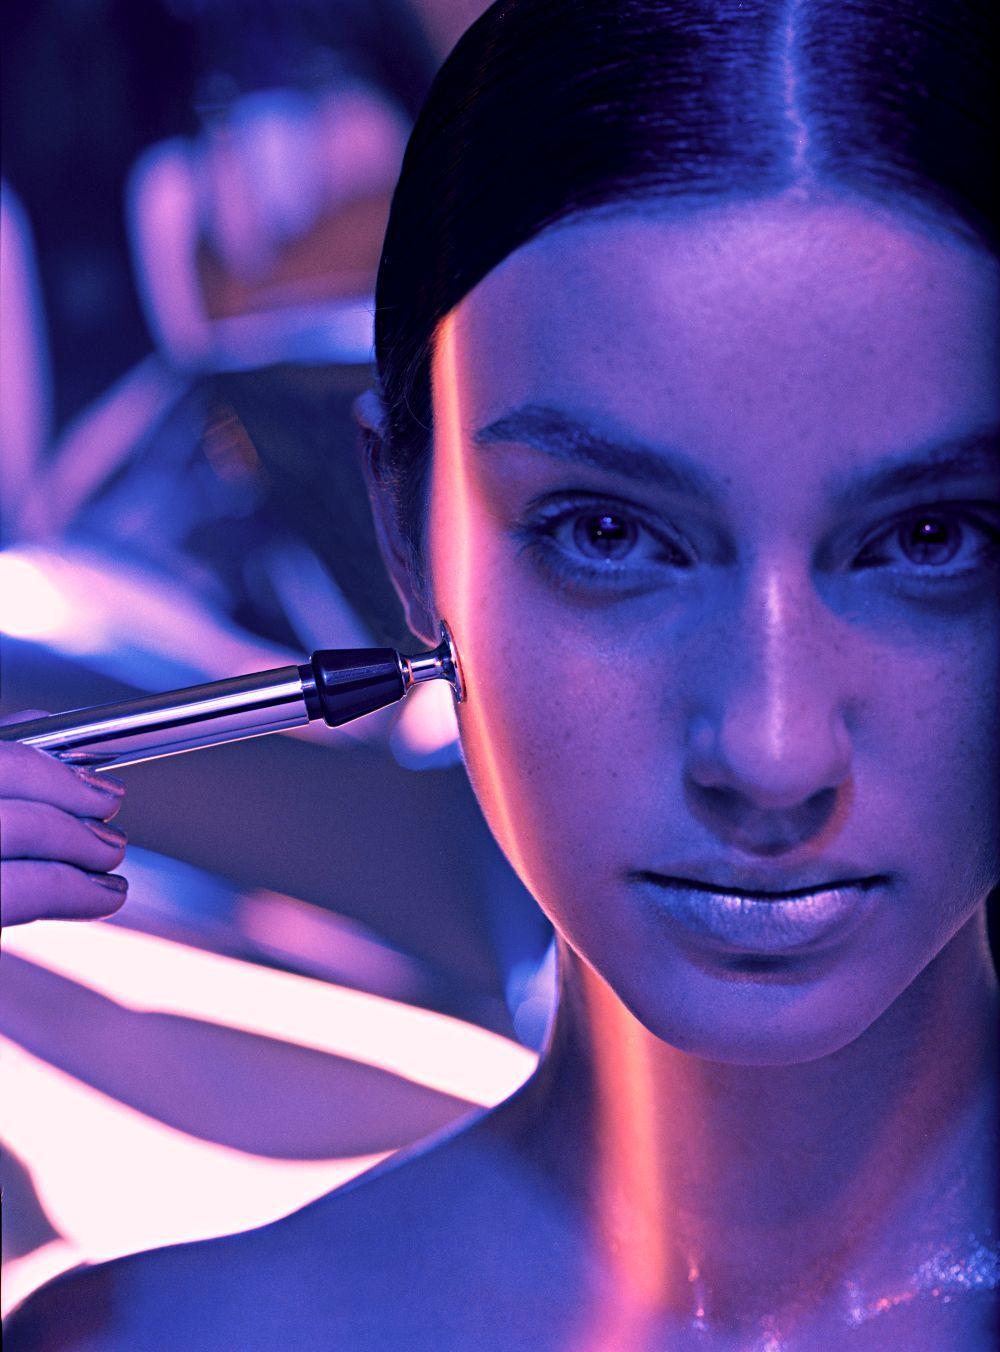 Con técnicas como el microneedling conseguimos que los principios activos con los que se trabaja, ralenticen el envejecimiento facial y más concretamente en la zona del contorno de ojos.